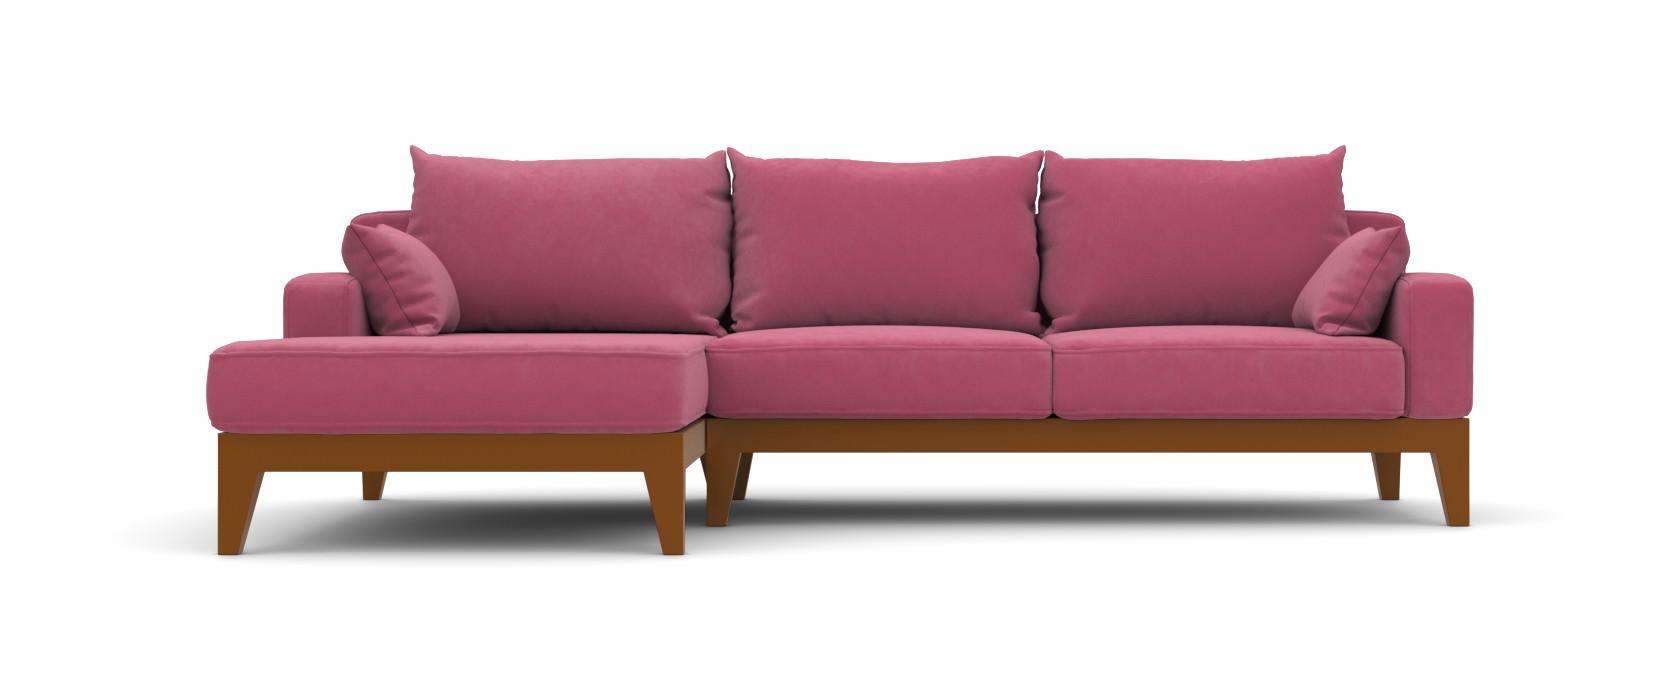 Угловой диван Antonio - Фото 1 - Pufetto